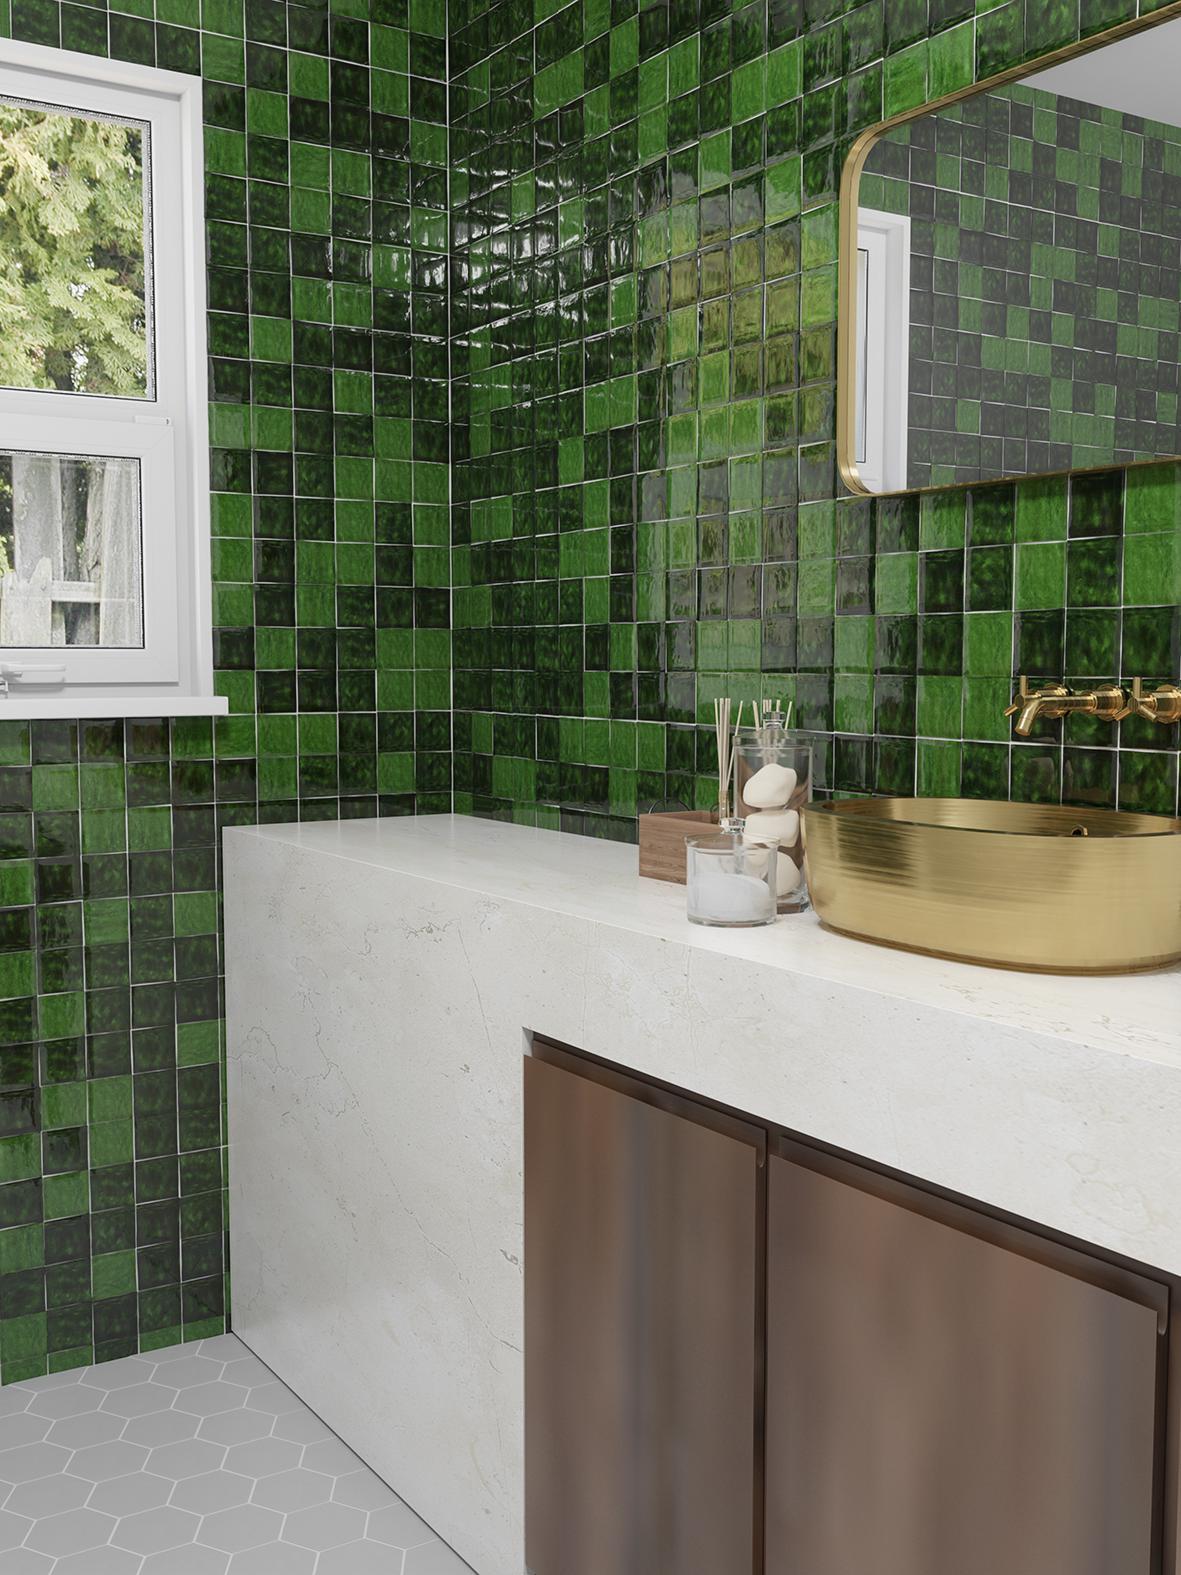 obklady zelené kuchyně 10x10